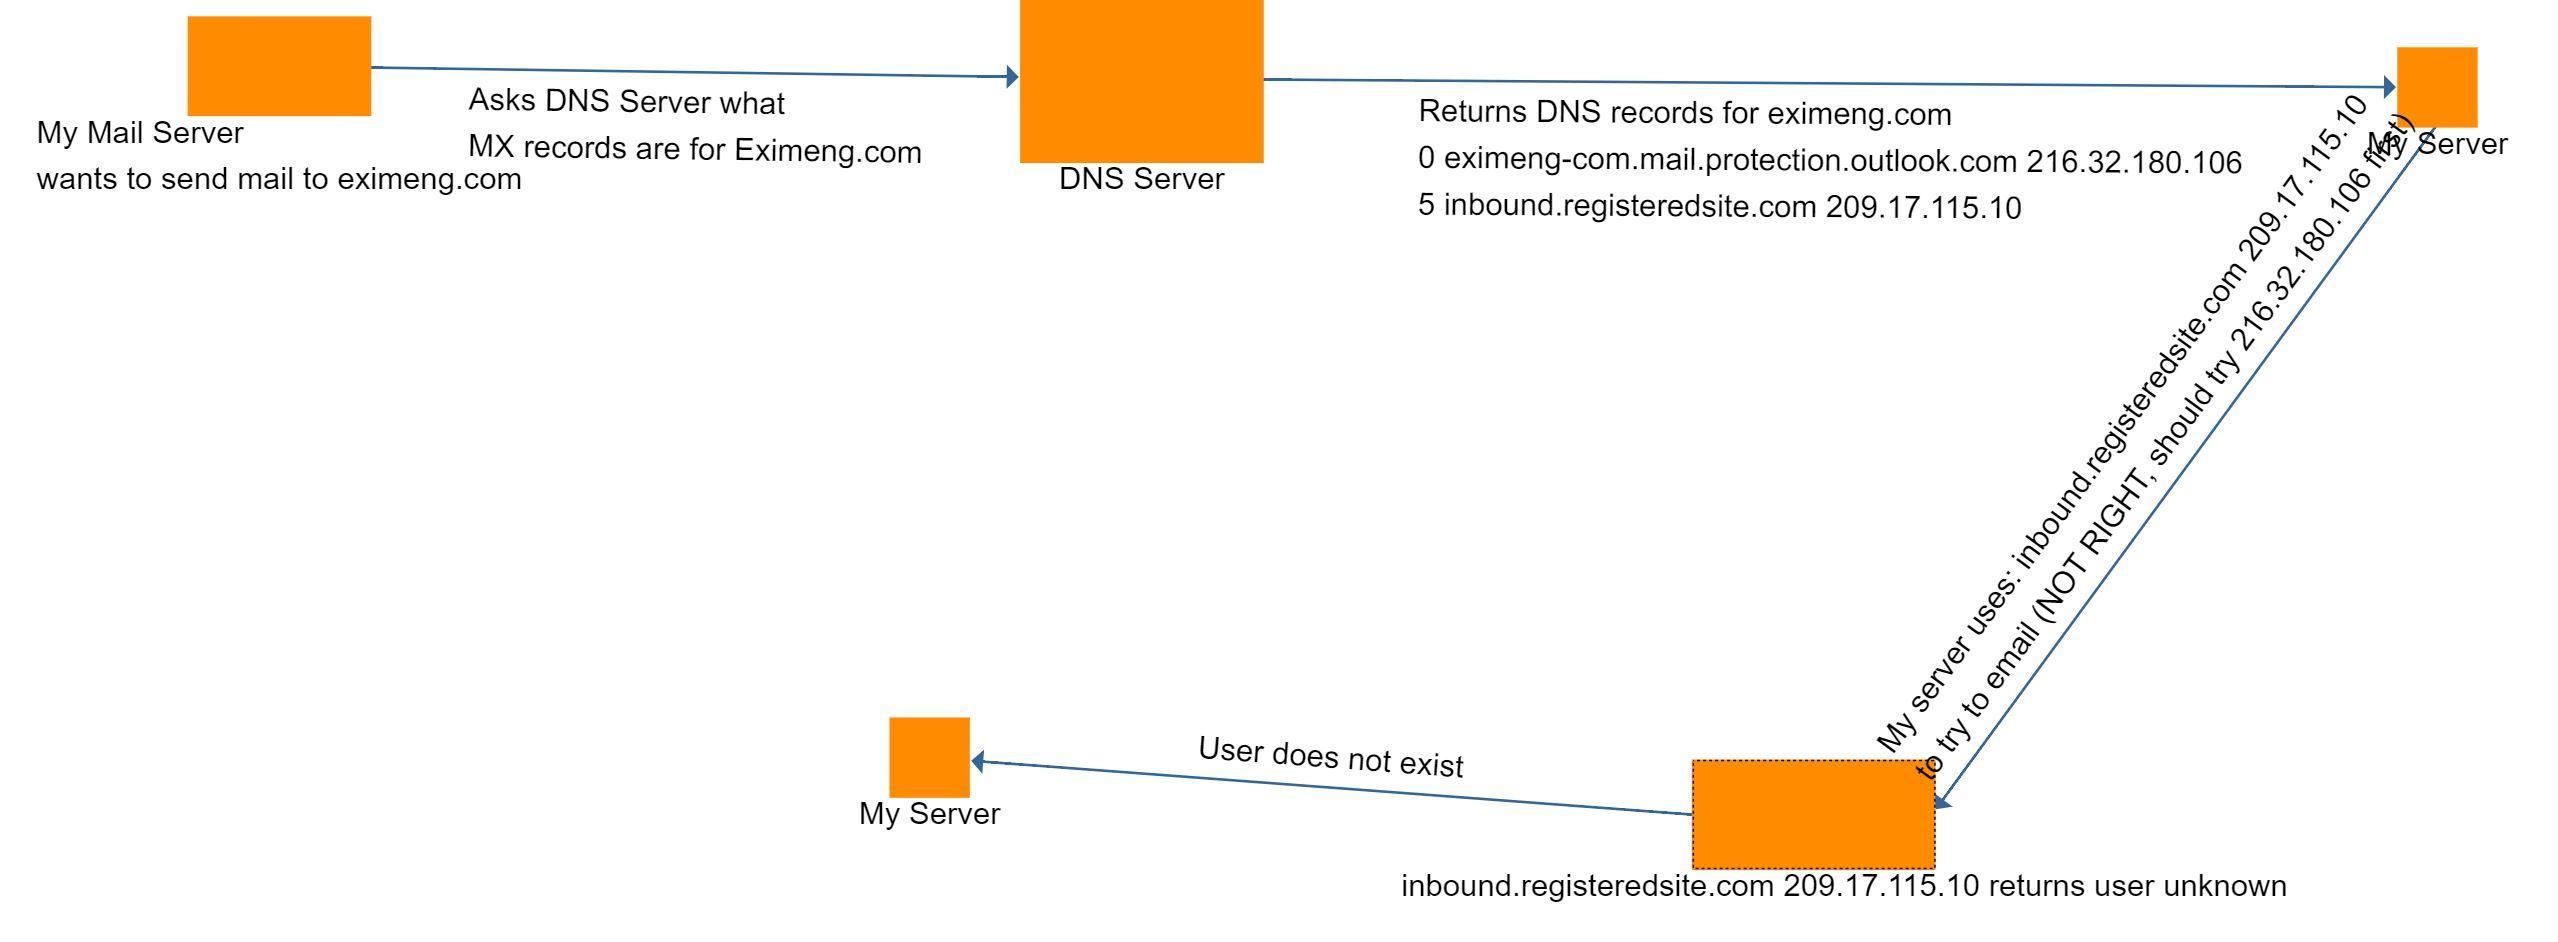 Exchange Server not Follow MX Priority